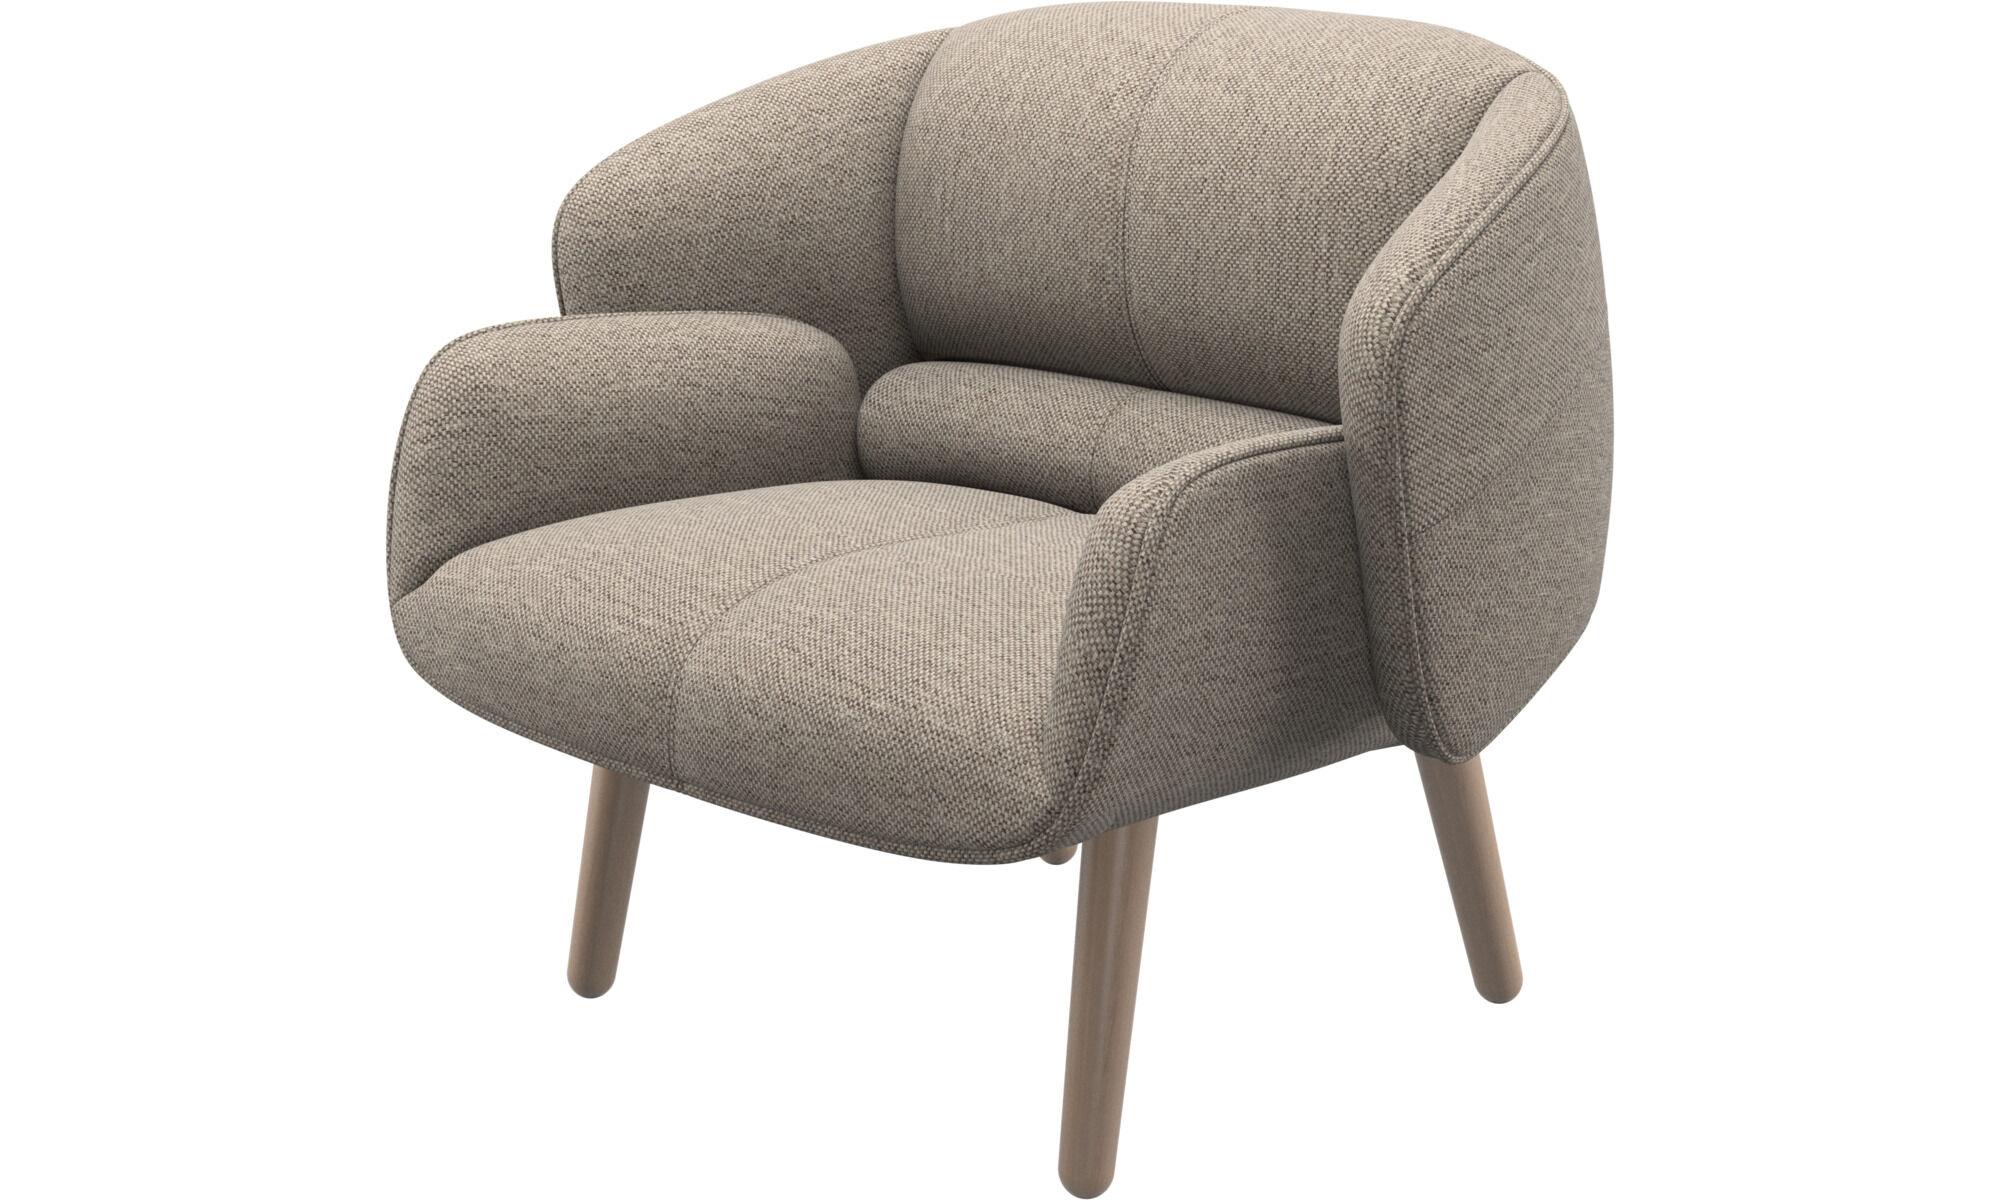 Bon Armchairs   Fusion Chair   Beige   Fabric